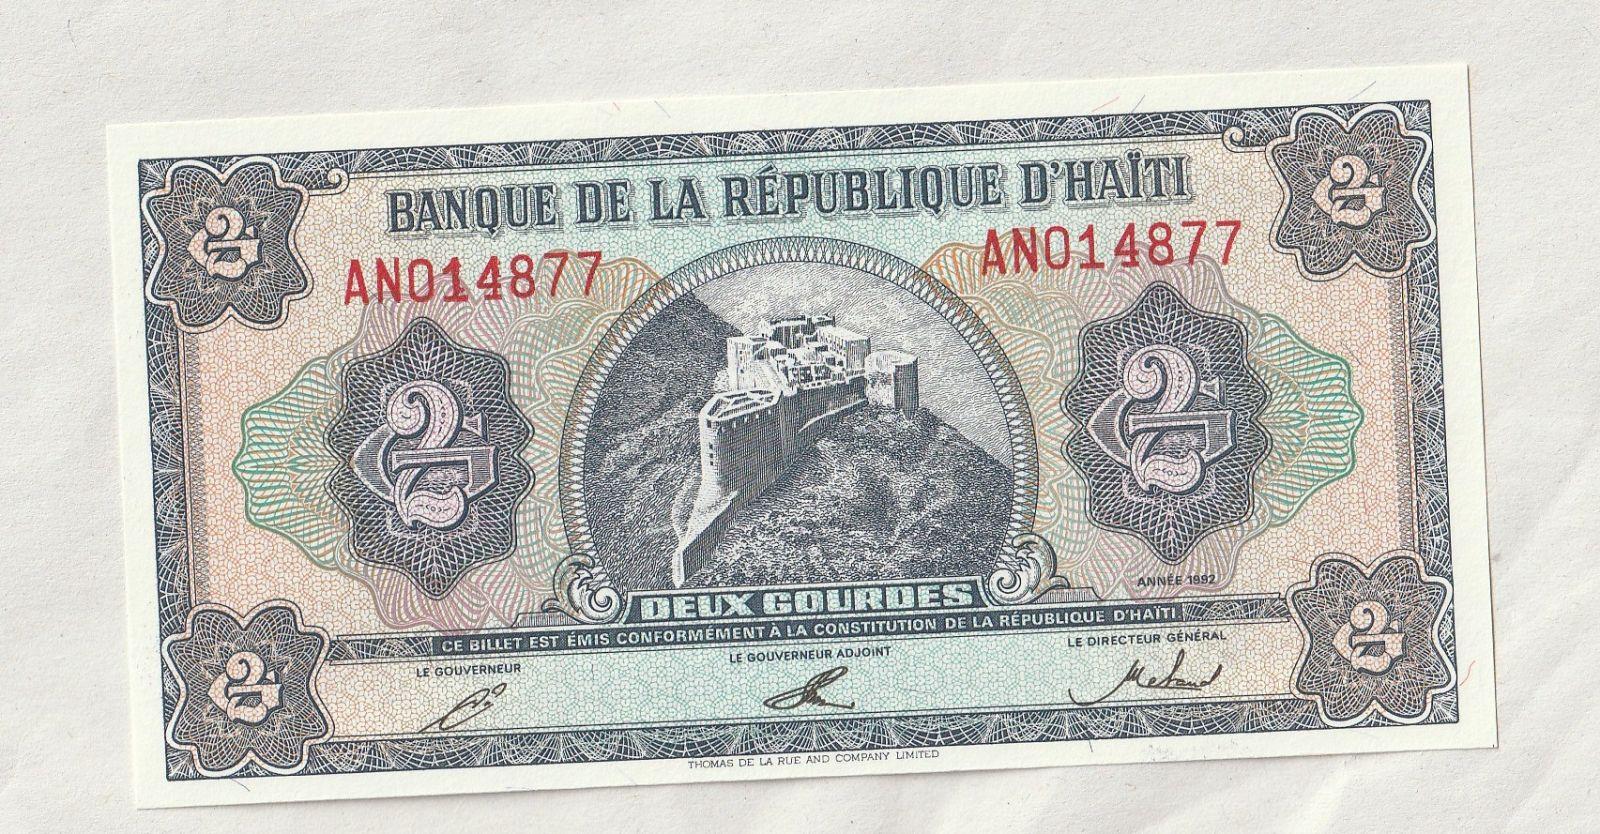 2 Gourdes, 1992, Haiti